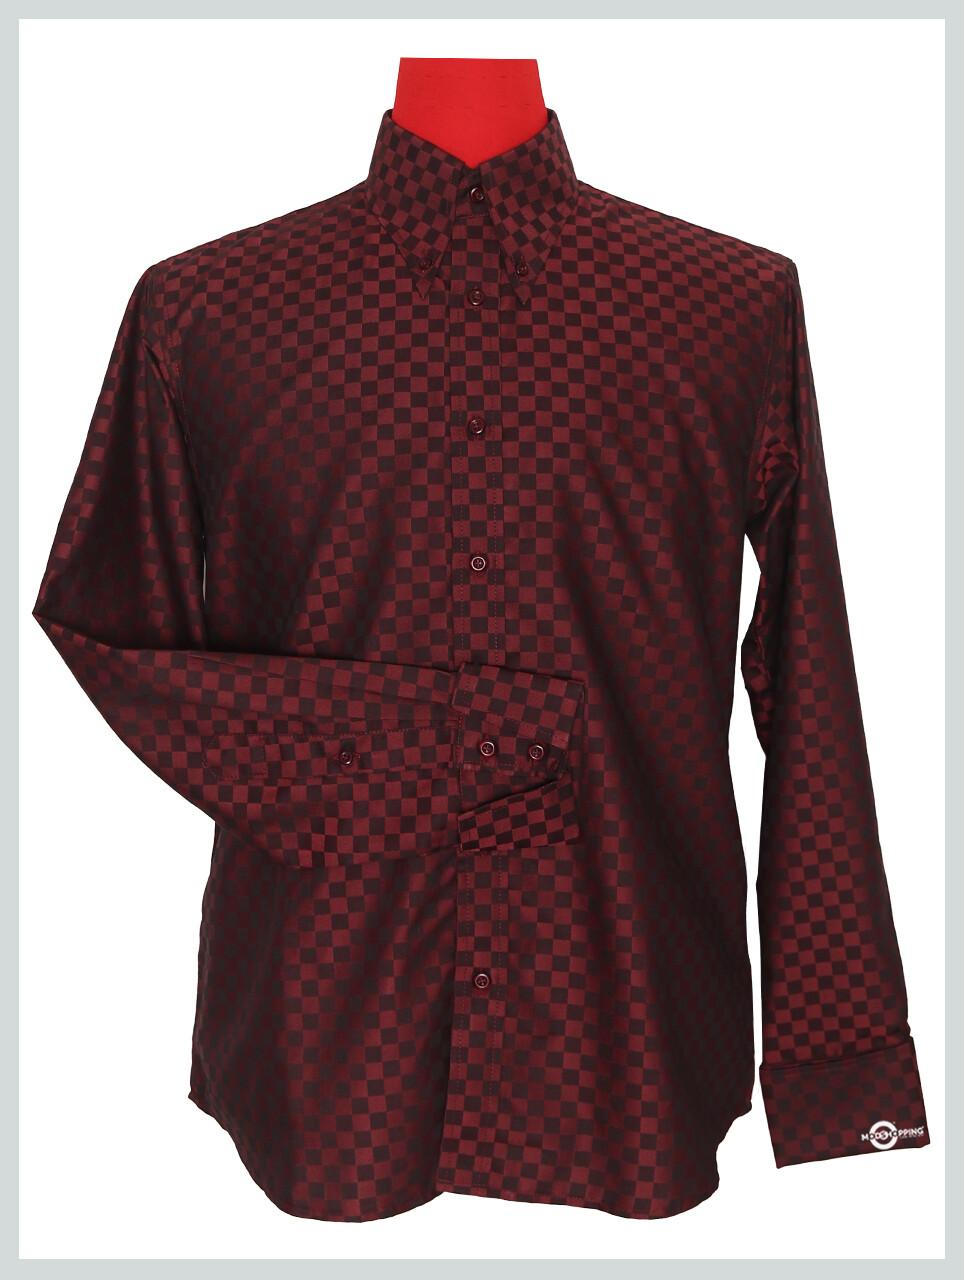 Long Sleeve Shirt Ska Check Burgundy Shirt For Men's